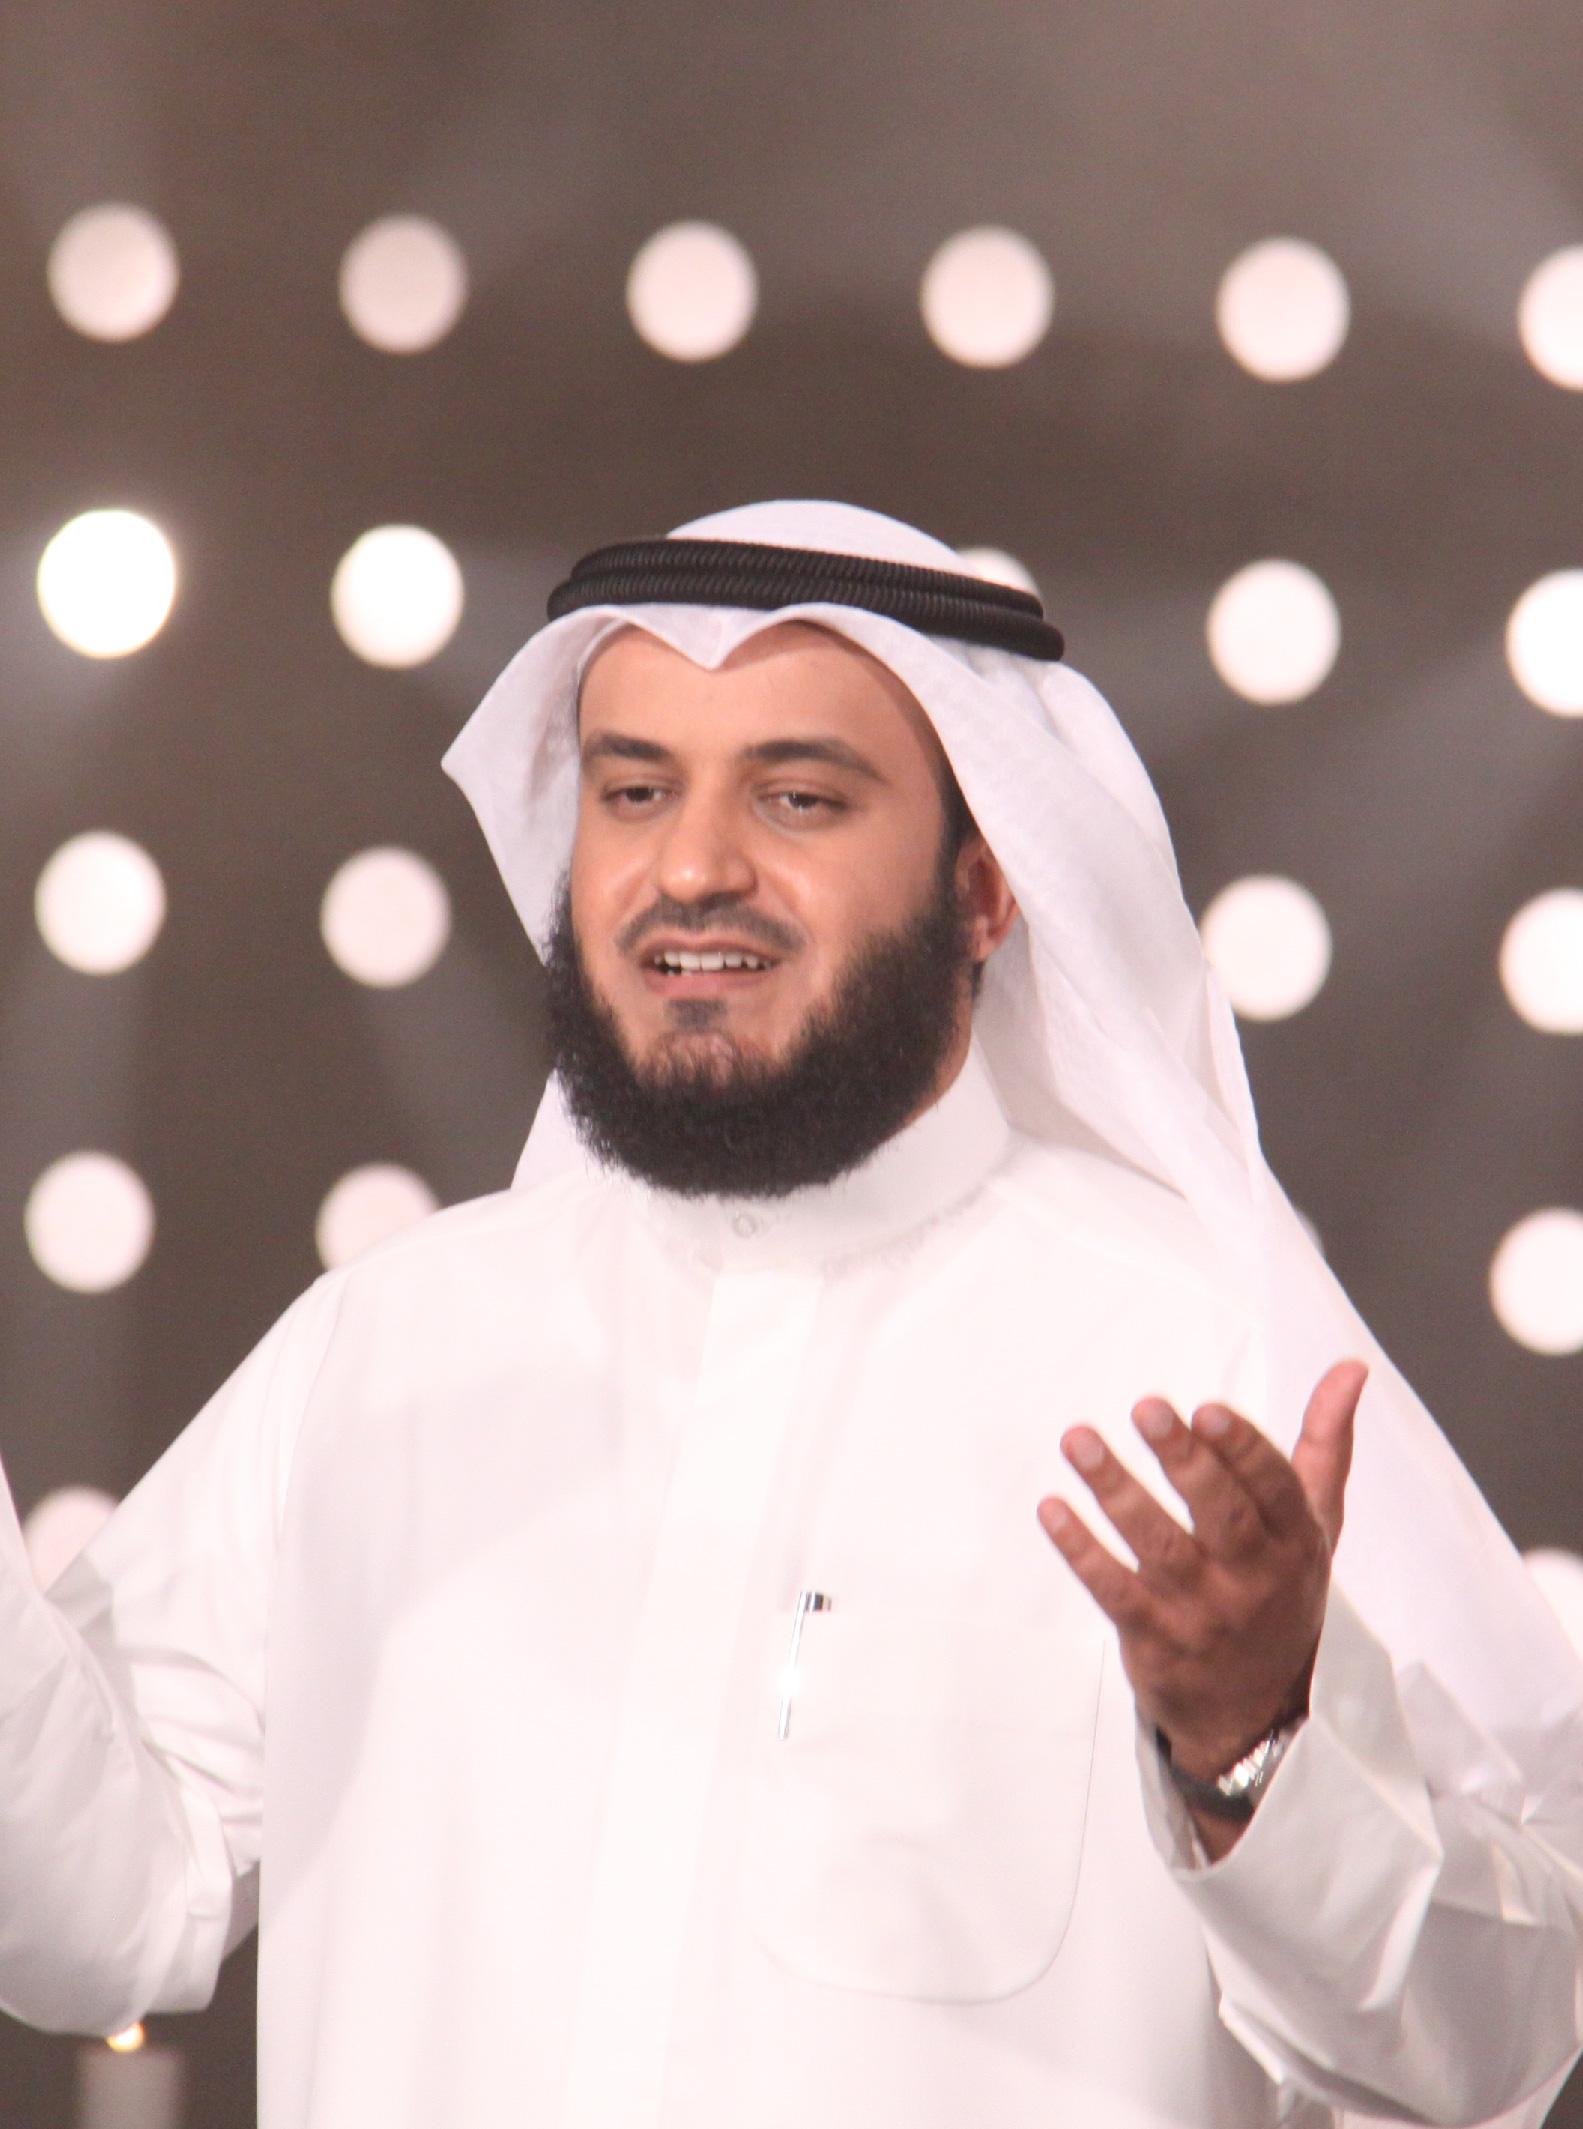 المشاركة في مهرجان الفنون الإسلامية